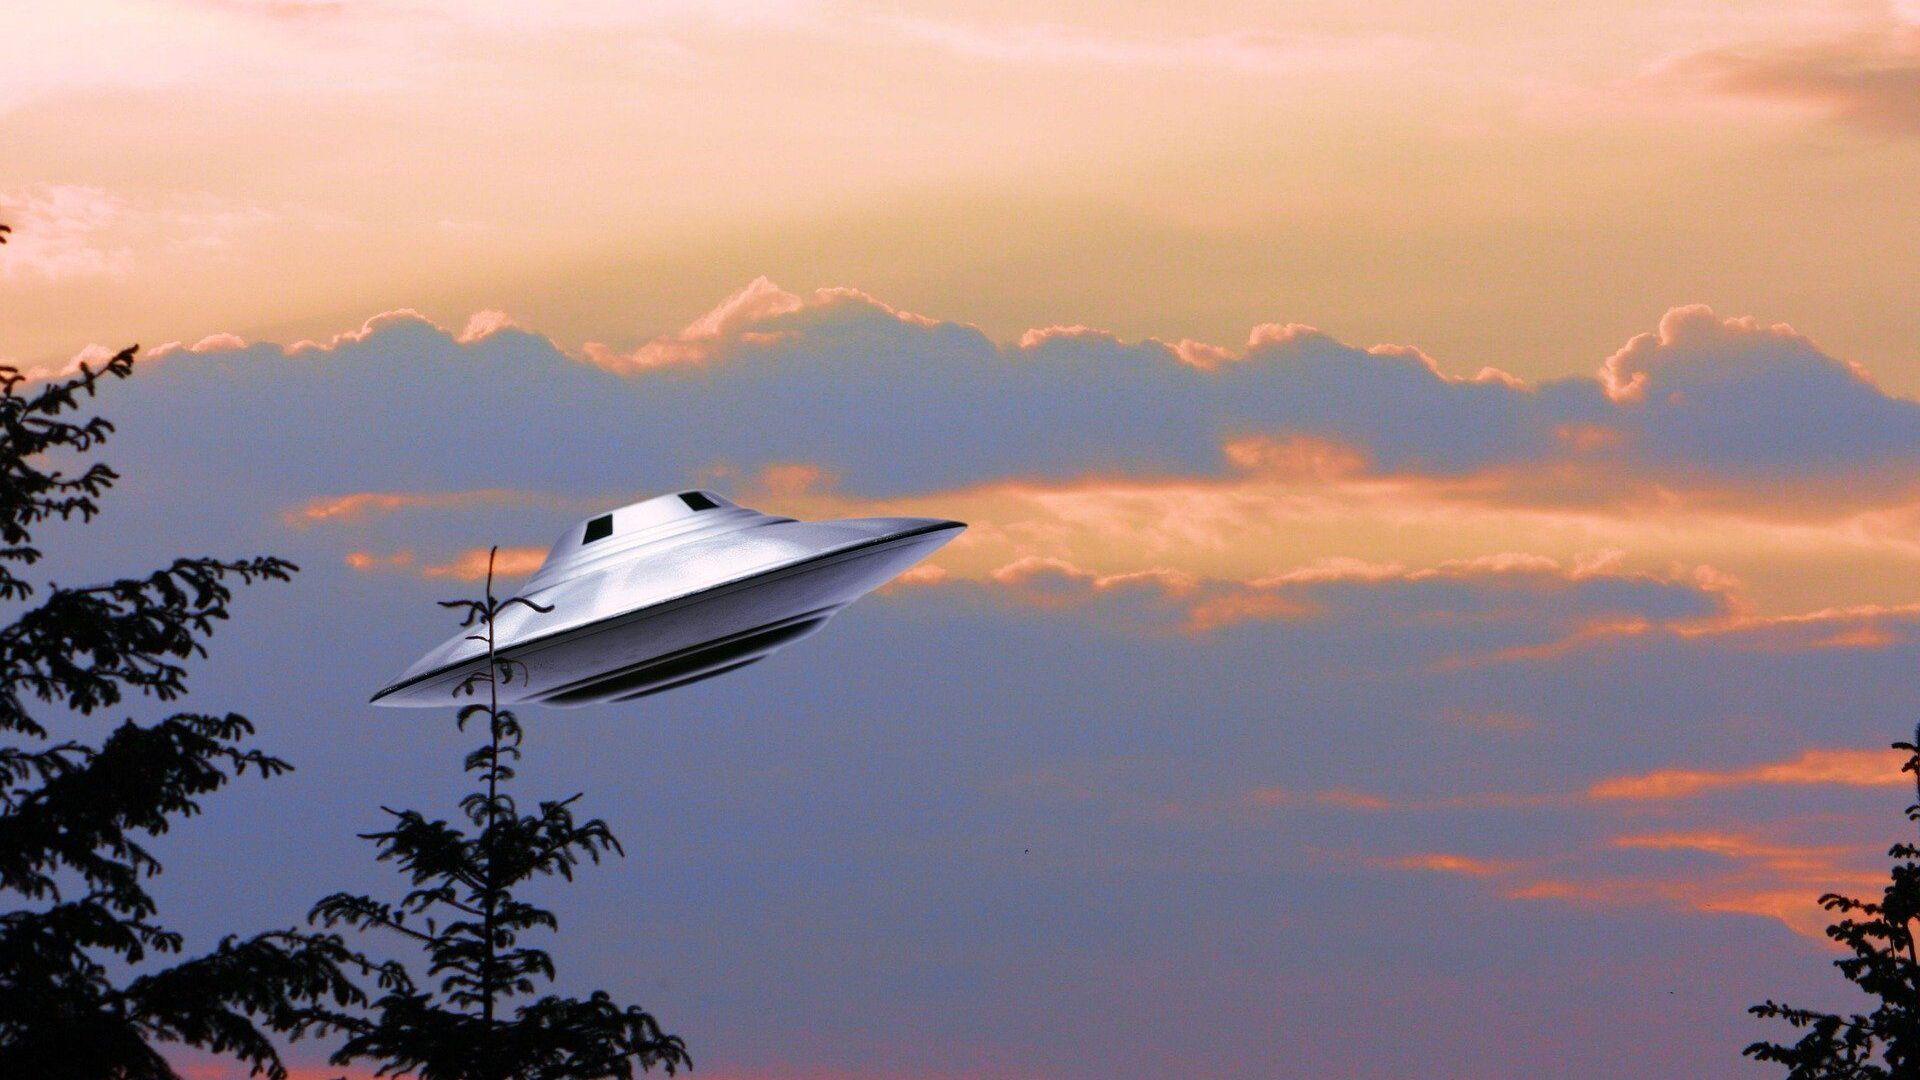 Καλλιτεχνική αναπαράσταση εξωγήινου σκάφους UFO - Sputnik Ελλάδα, 1920, 06.09.2021